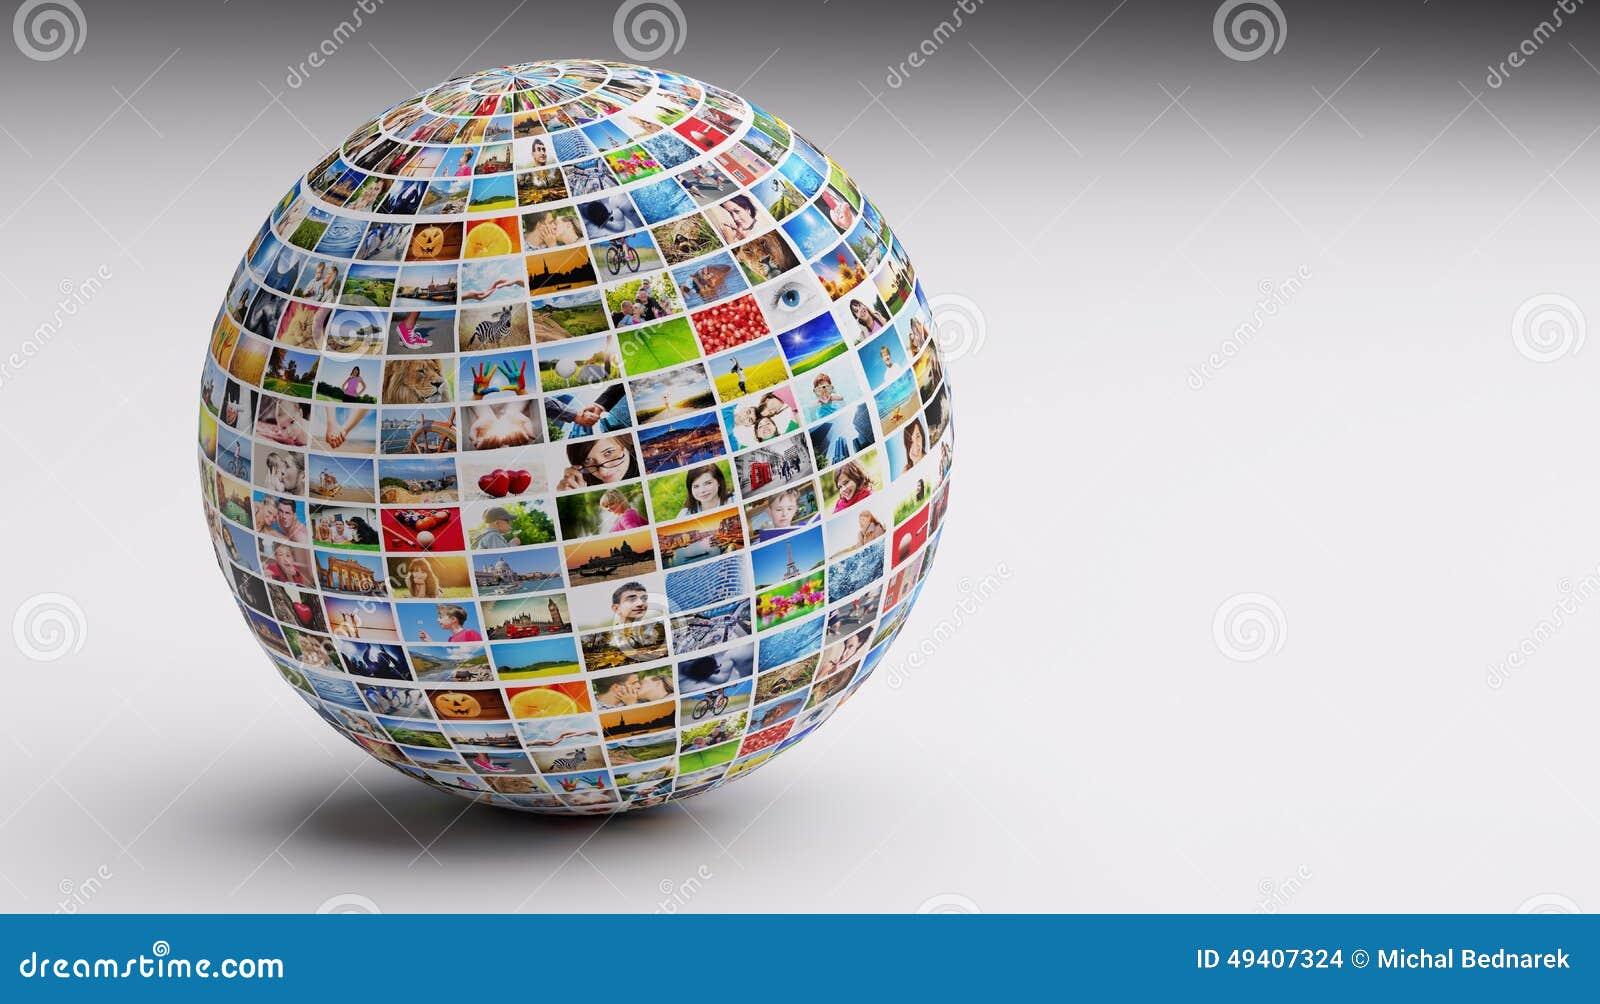 Globo, bola con las diversas imágenes de la gente, naturaleza, objetos, lugares